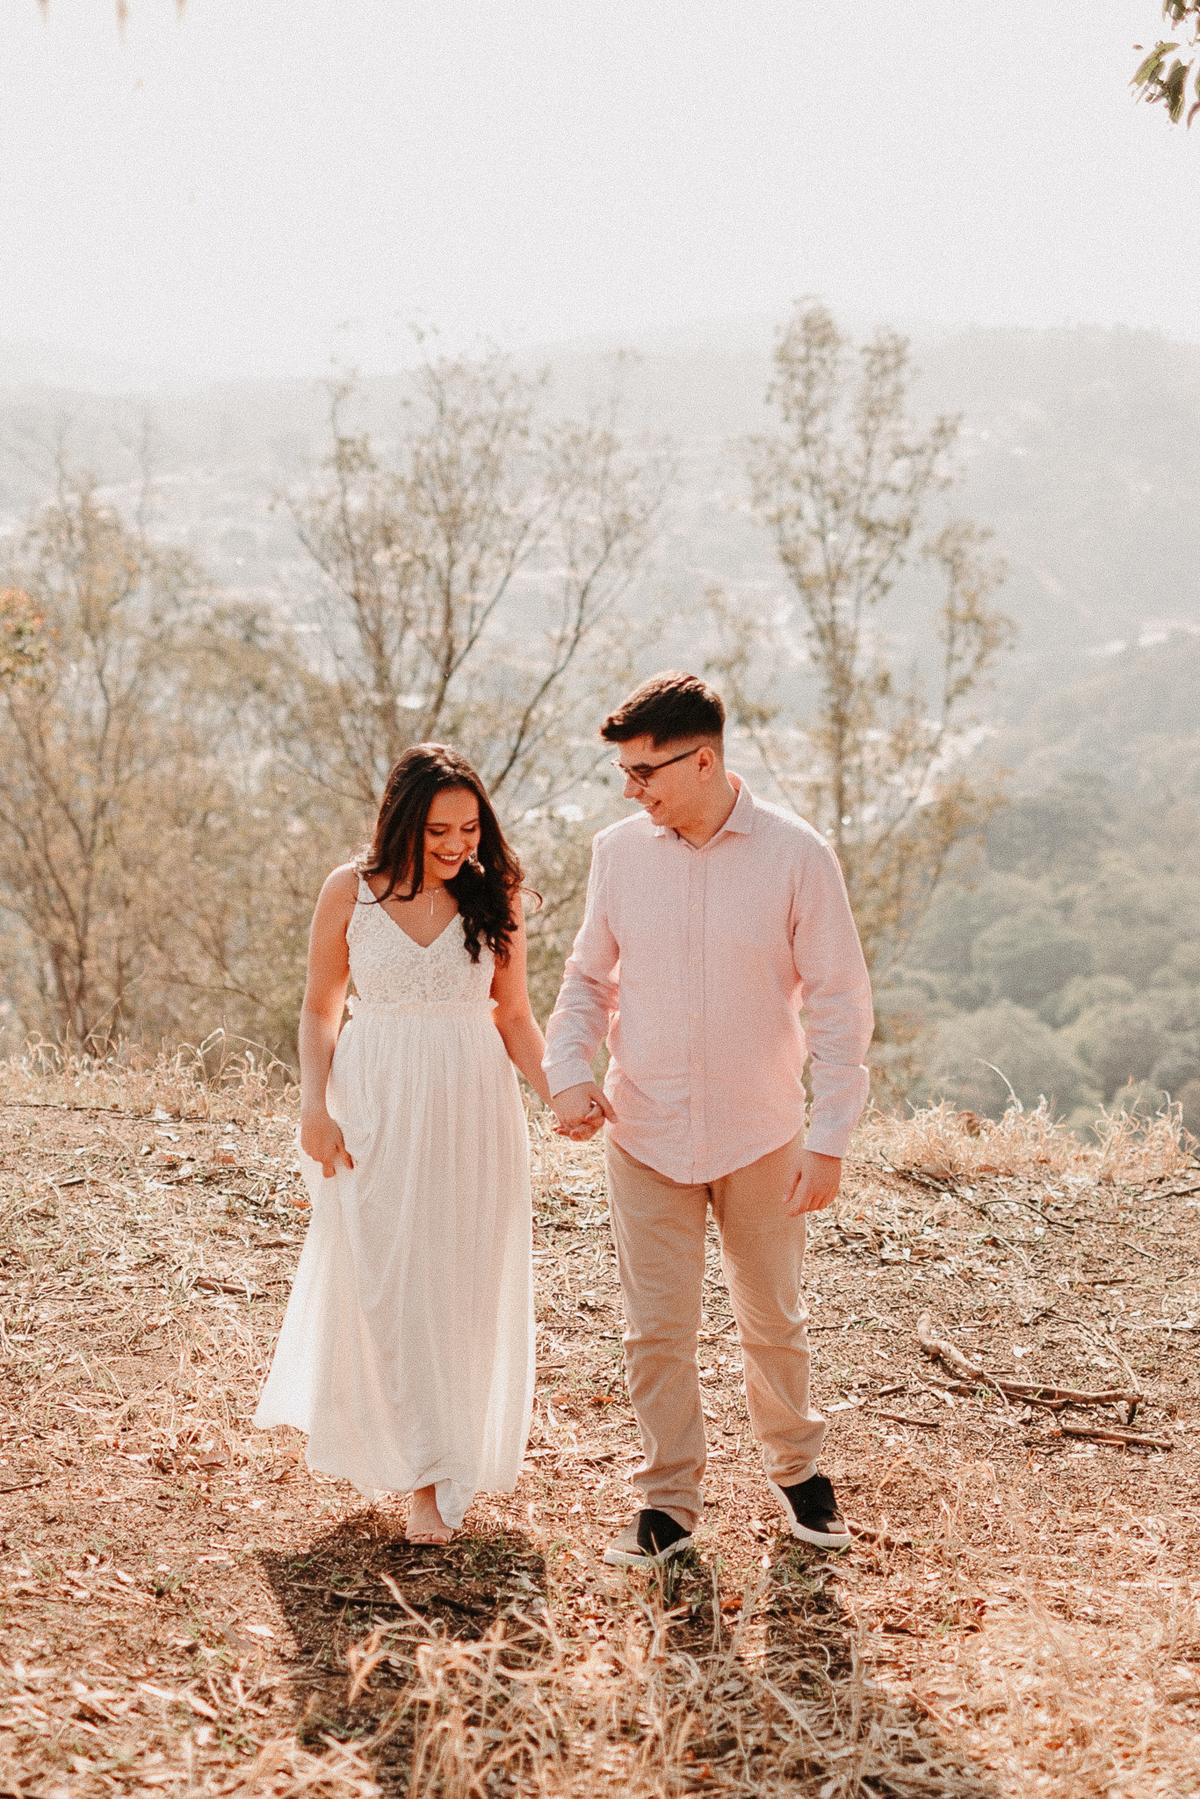 ensaio pre casamento no campo por do sol em pirapora do bom jesus morro do capuava pre wedding  casamentos no campo fotos por caio henrique